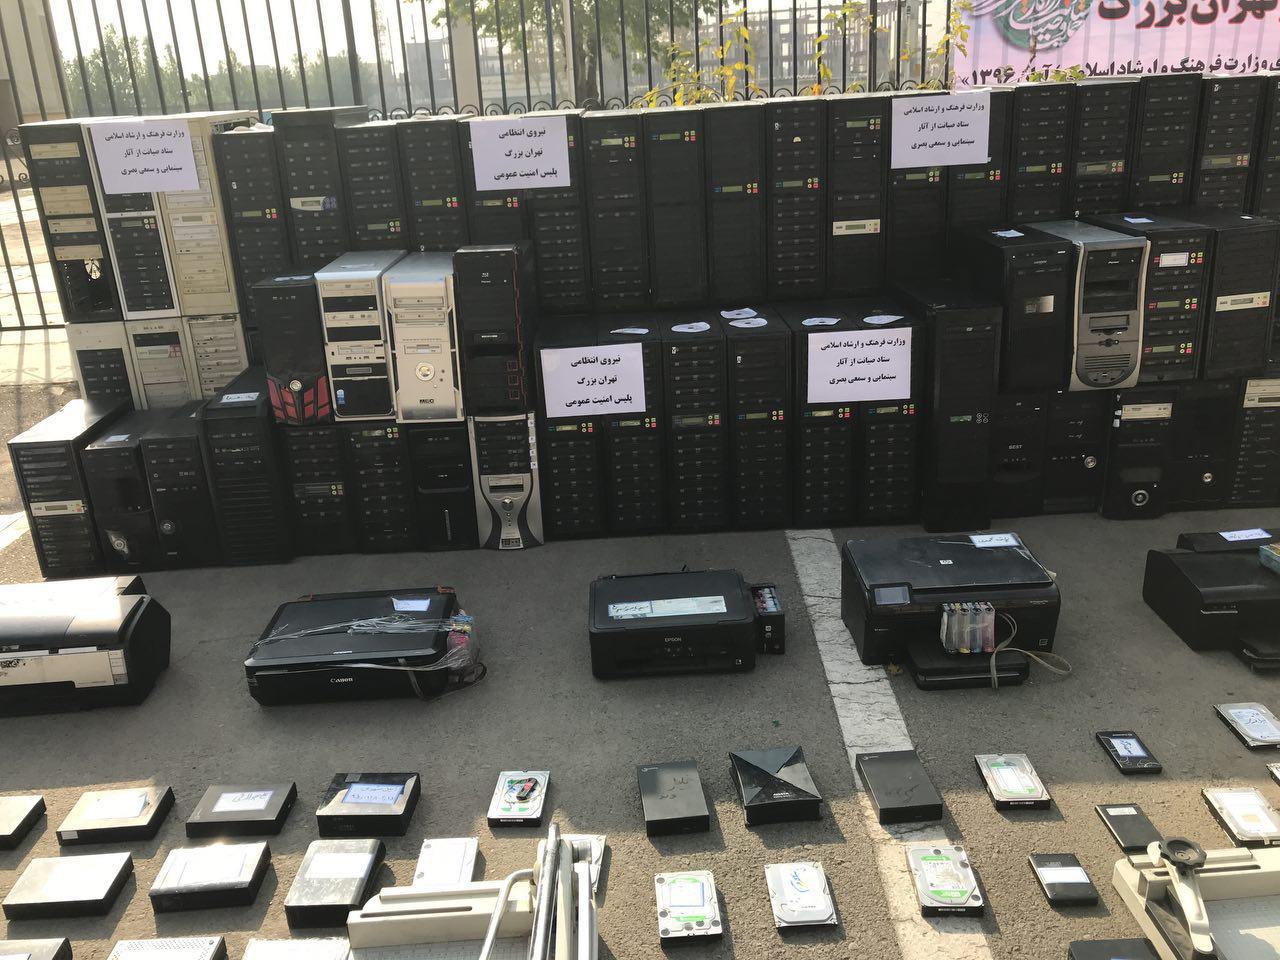 کشف و ضبط بیش از 11 میلیون سی دی غیرمجاز و مستهجن در تهران + عکس و فیلم